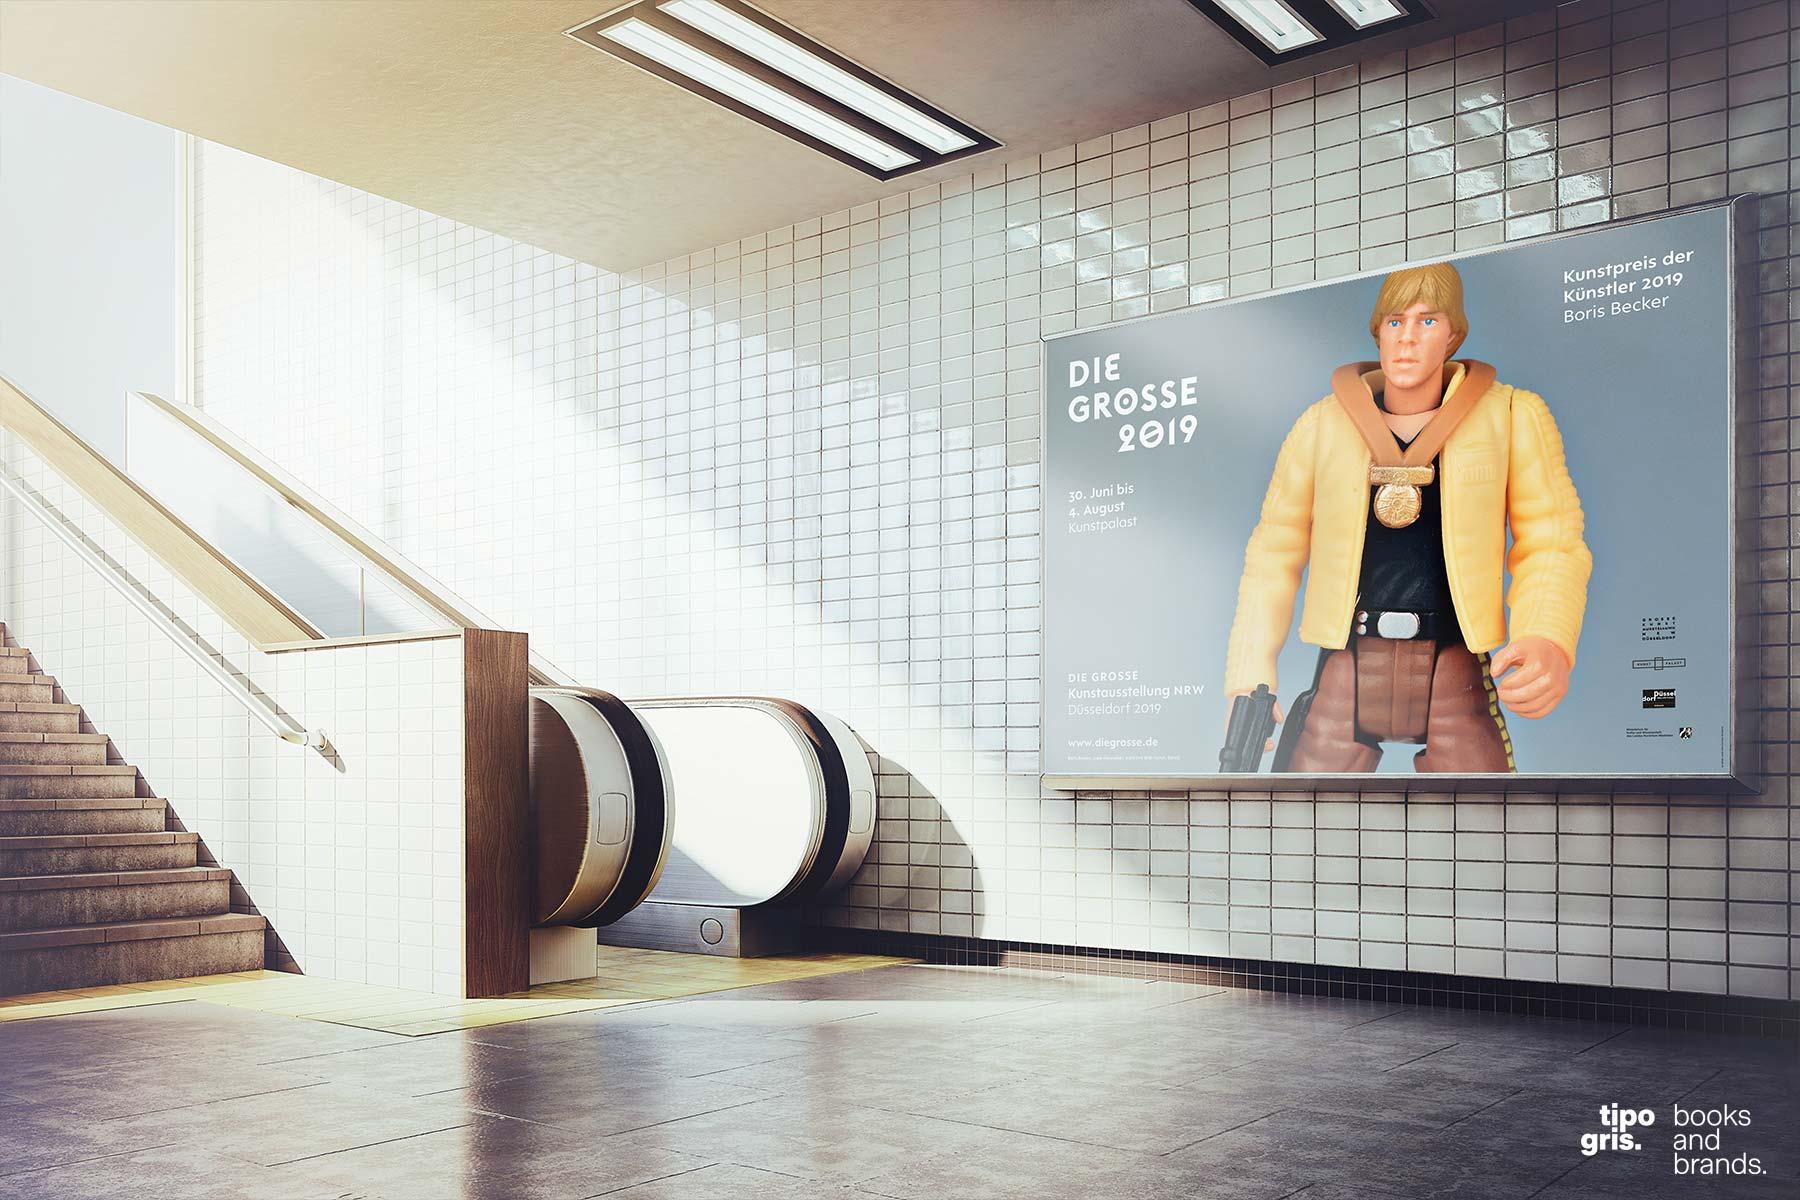 DIE GROSSE 2019. Gesamtgestaltung: Johannes López Ayala / Tipogris Books and Brands. Großplakat mit Luke Skywalker, einem Motiv von Boris Becker, und Typo-Ornamenten.